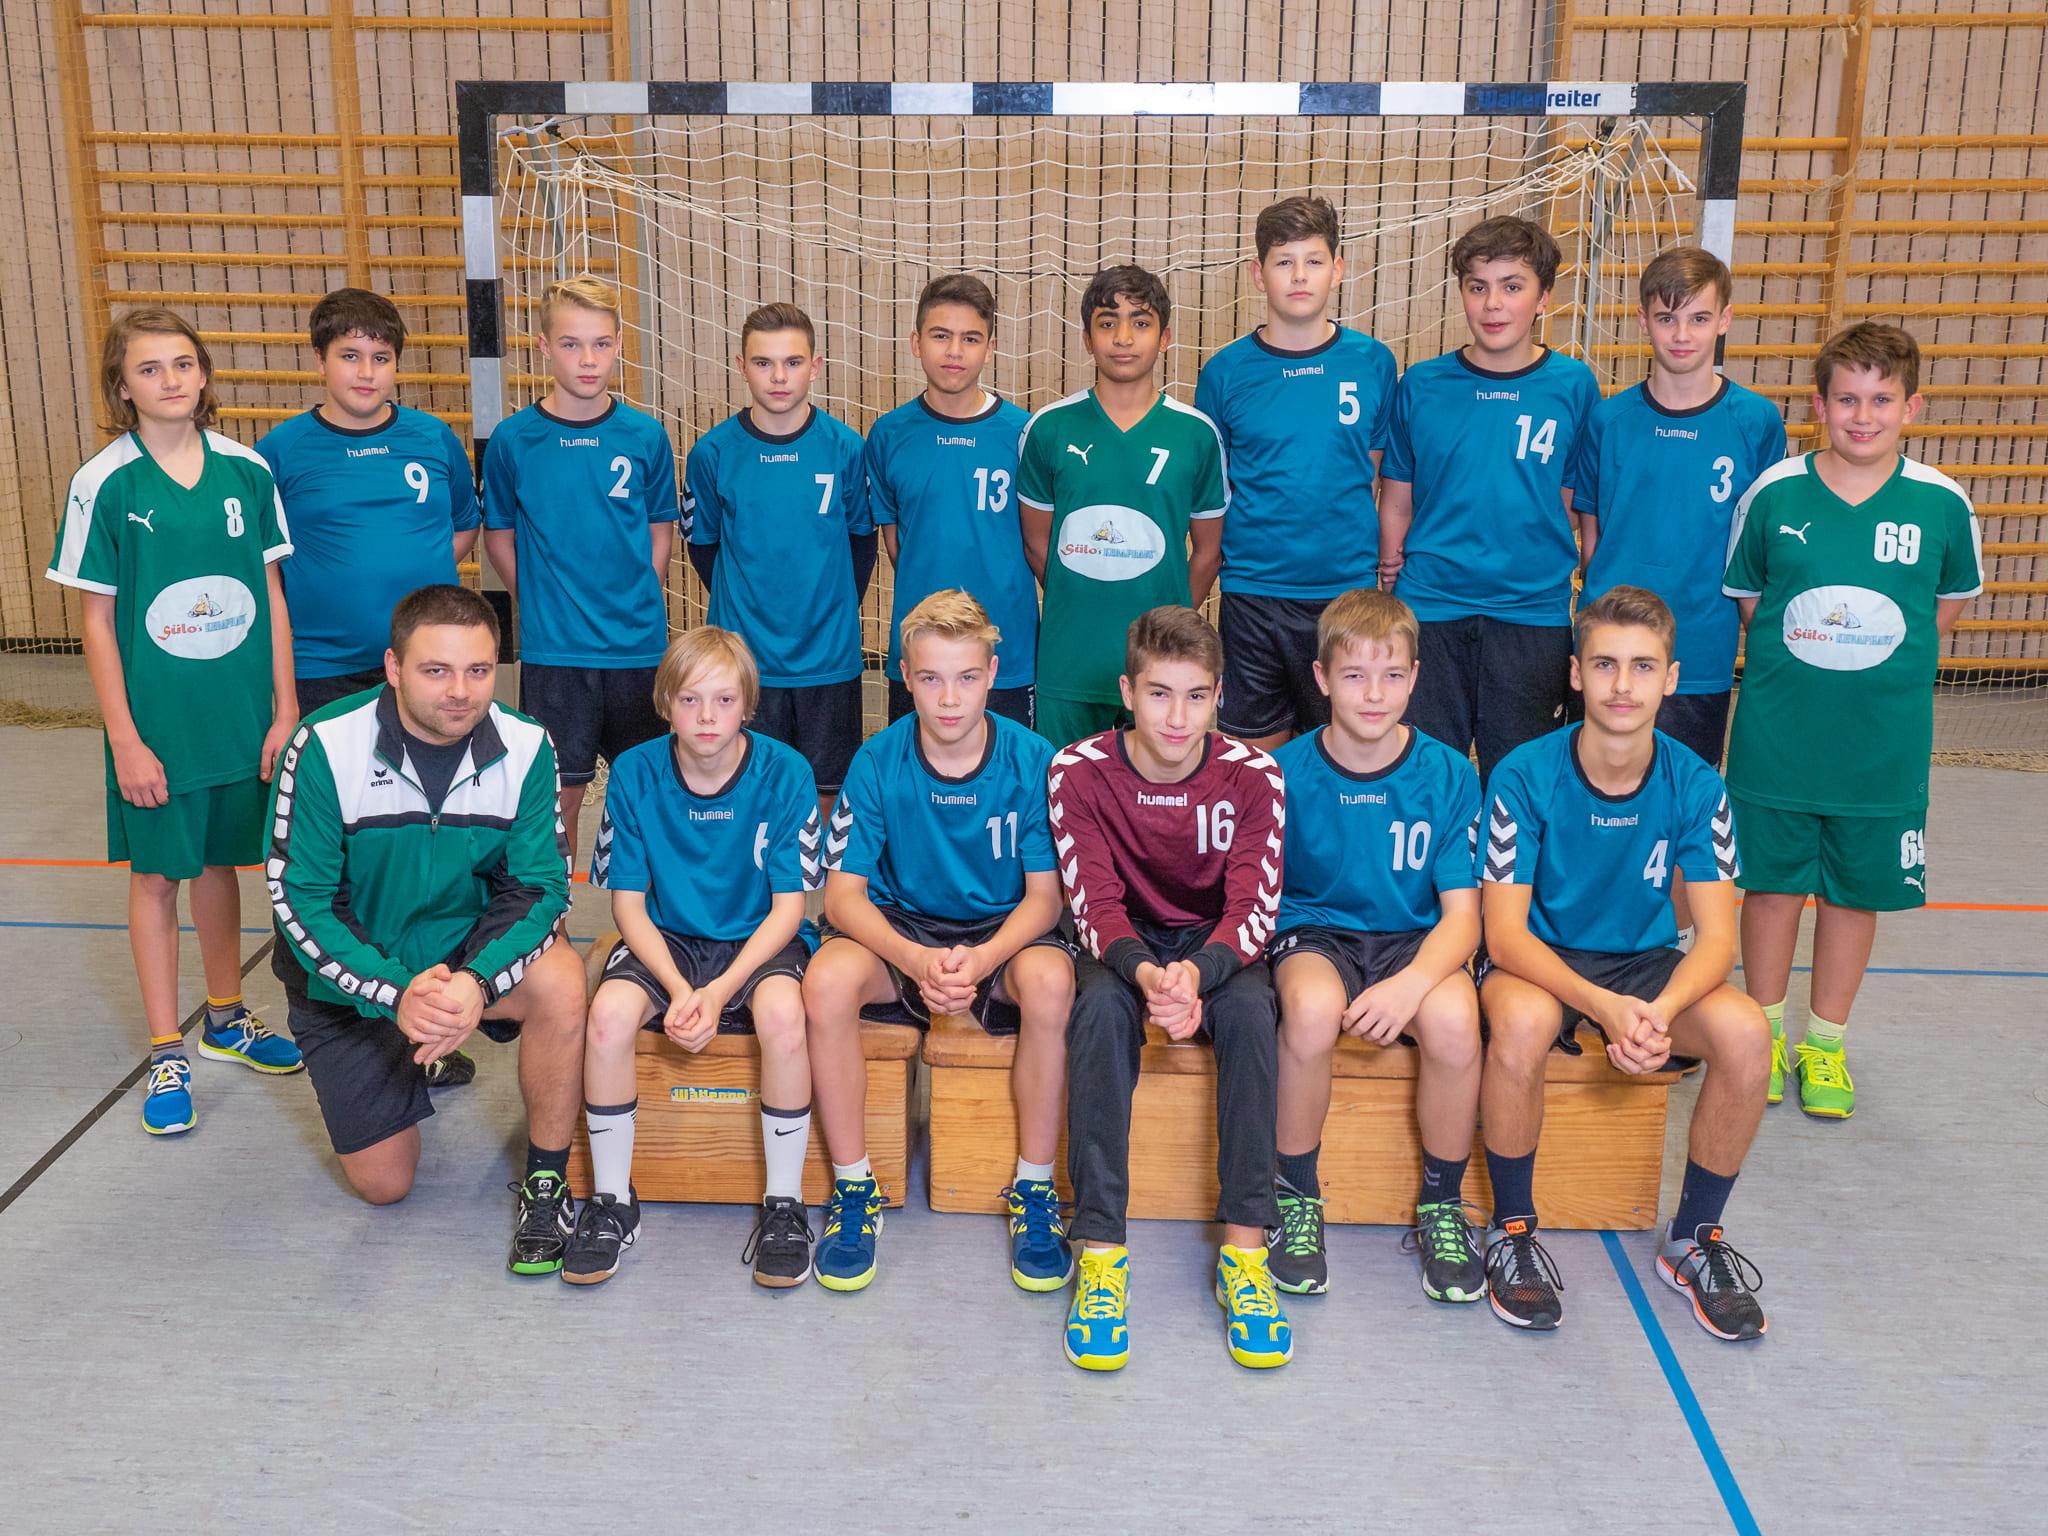 männliche C-Jugend - TSV Neusäss